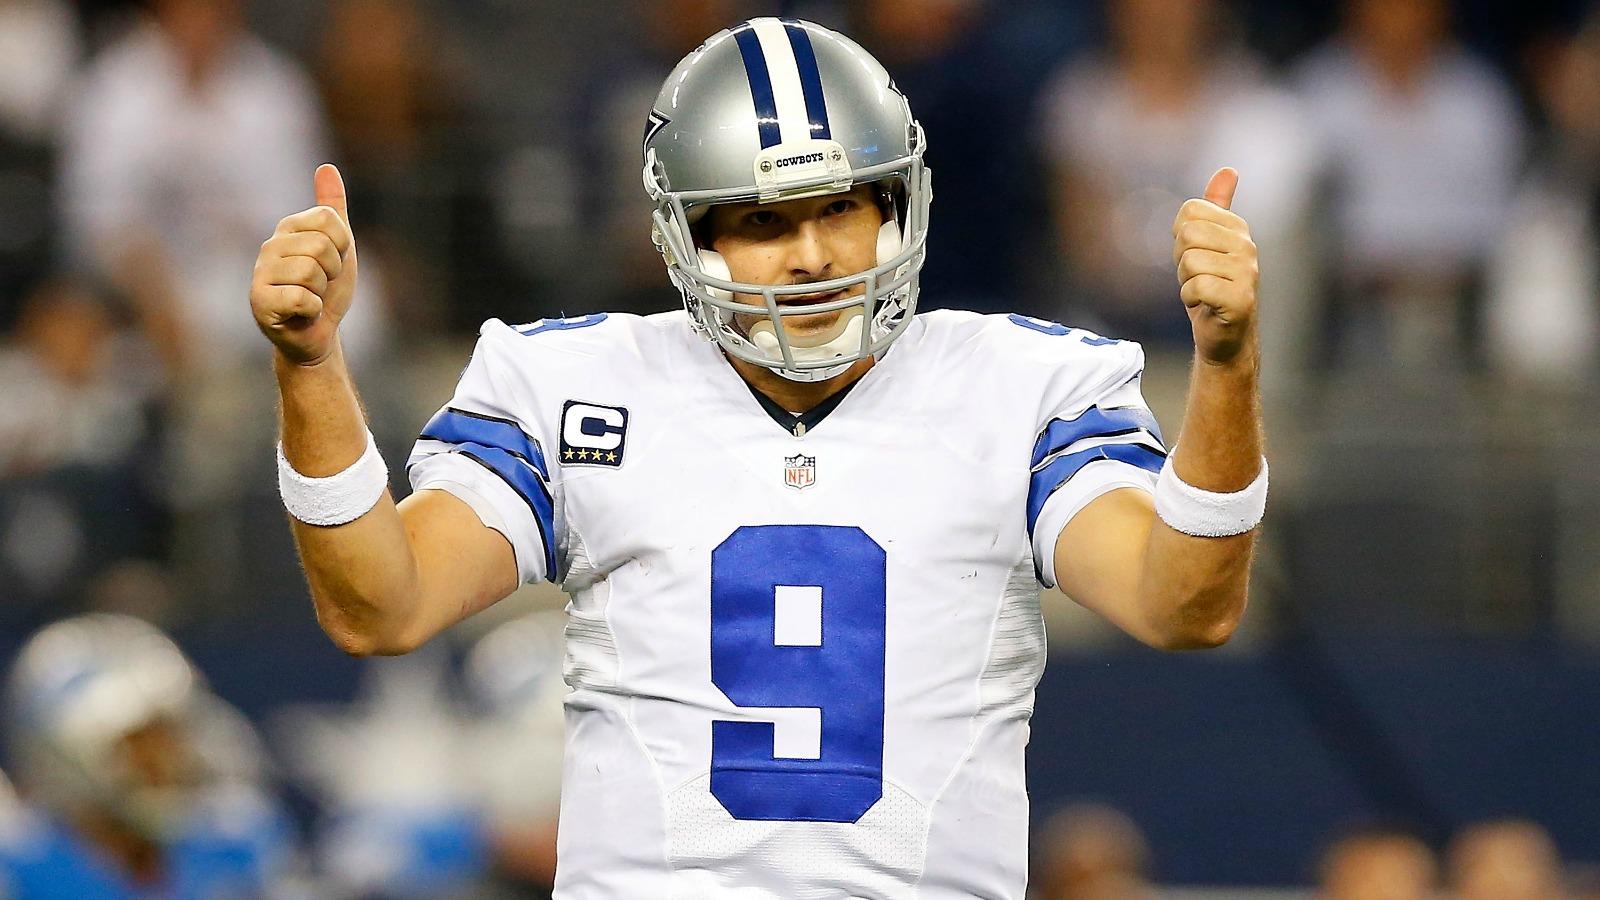 050316-NFL-Dallas-Cowboys-gallery-Tony-Romo